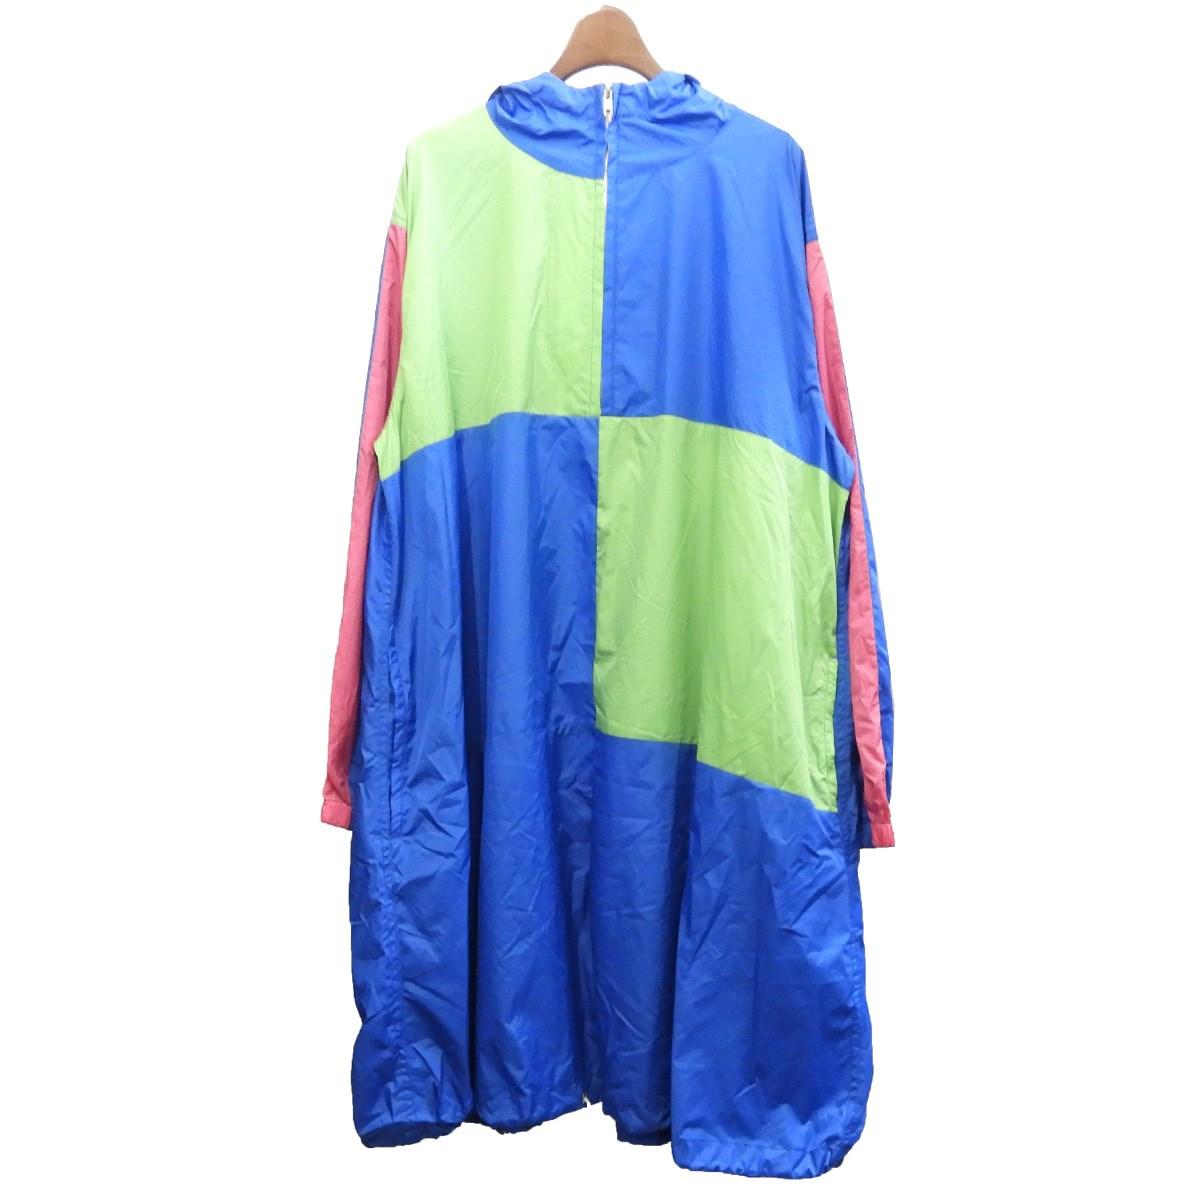 【中古】COMME des GARCONS SHIRT BOY2019SS ナイロンフーデッドコート ブルー サイズ:S【2月17日見直し】